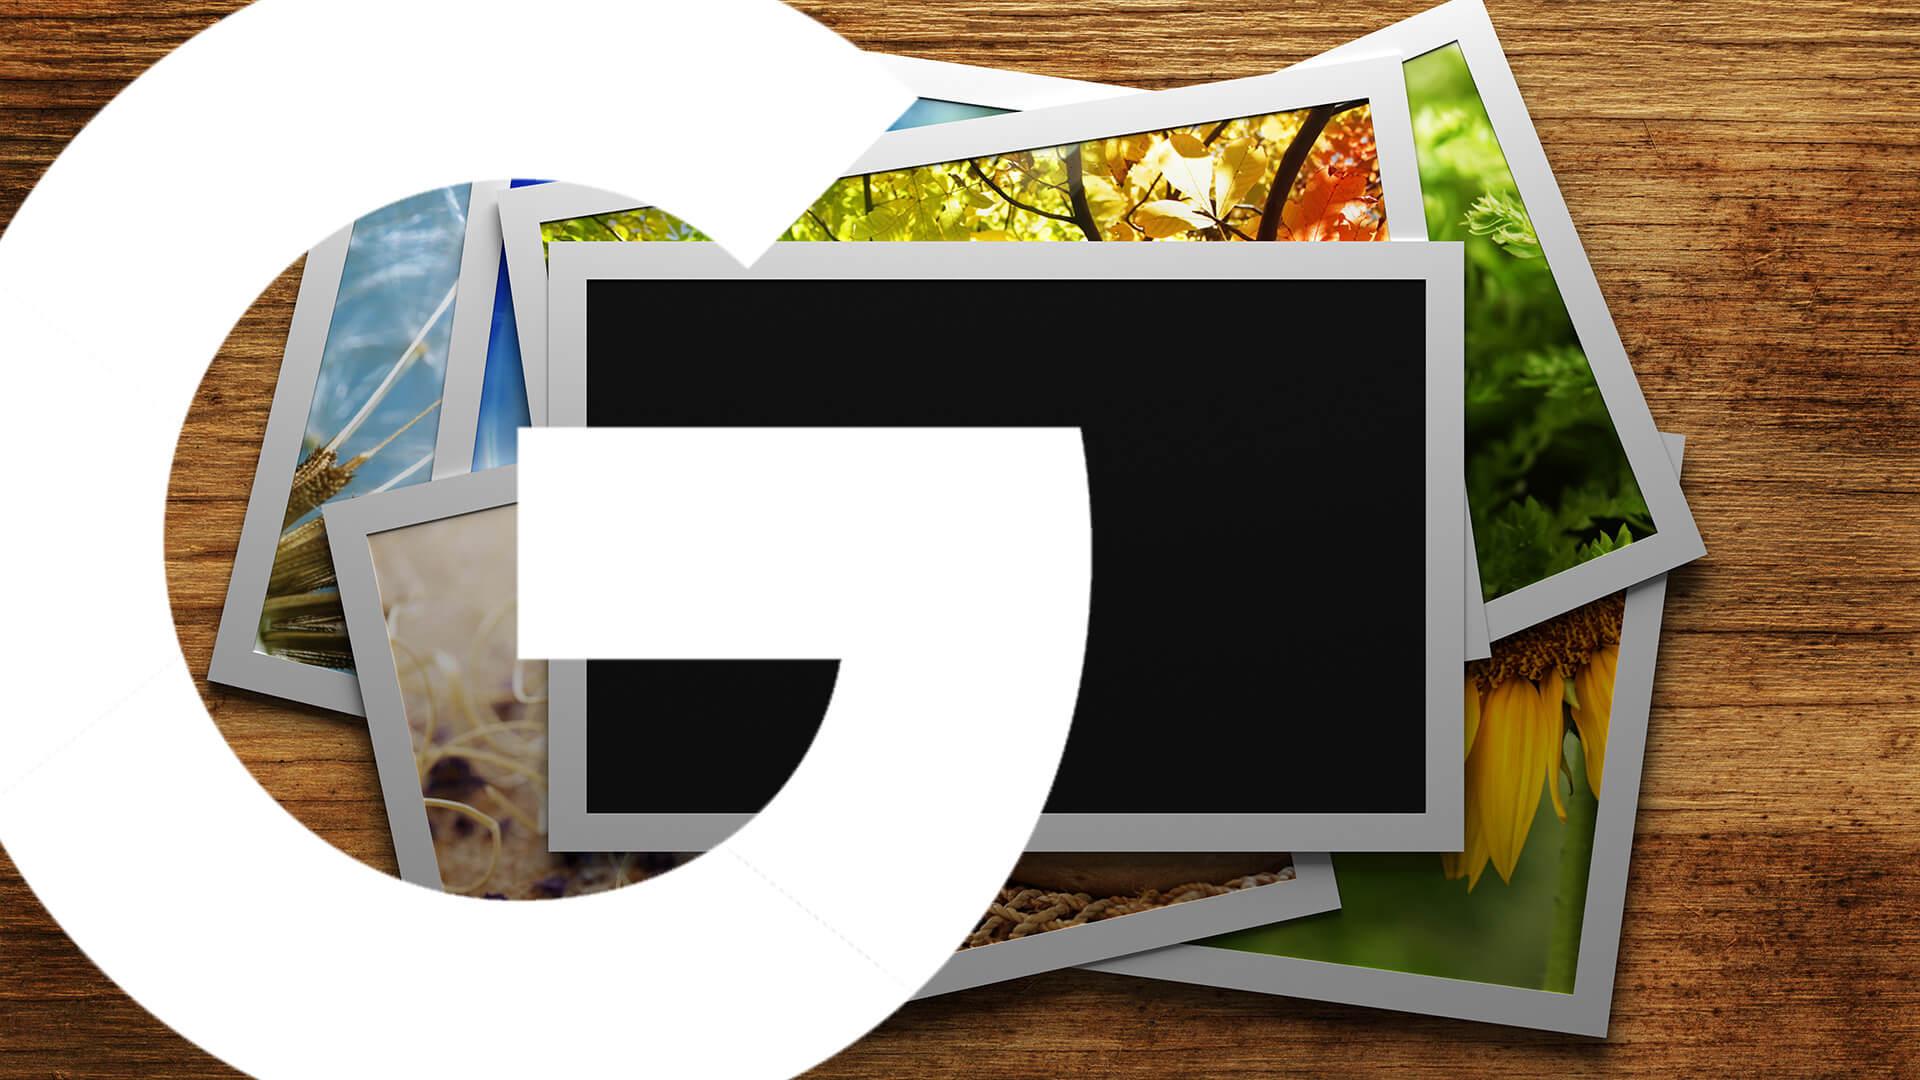 Google pondrá fin a la versión beta de los anuncios de la galería, se centra en las extensiones de imagen